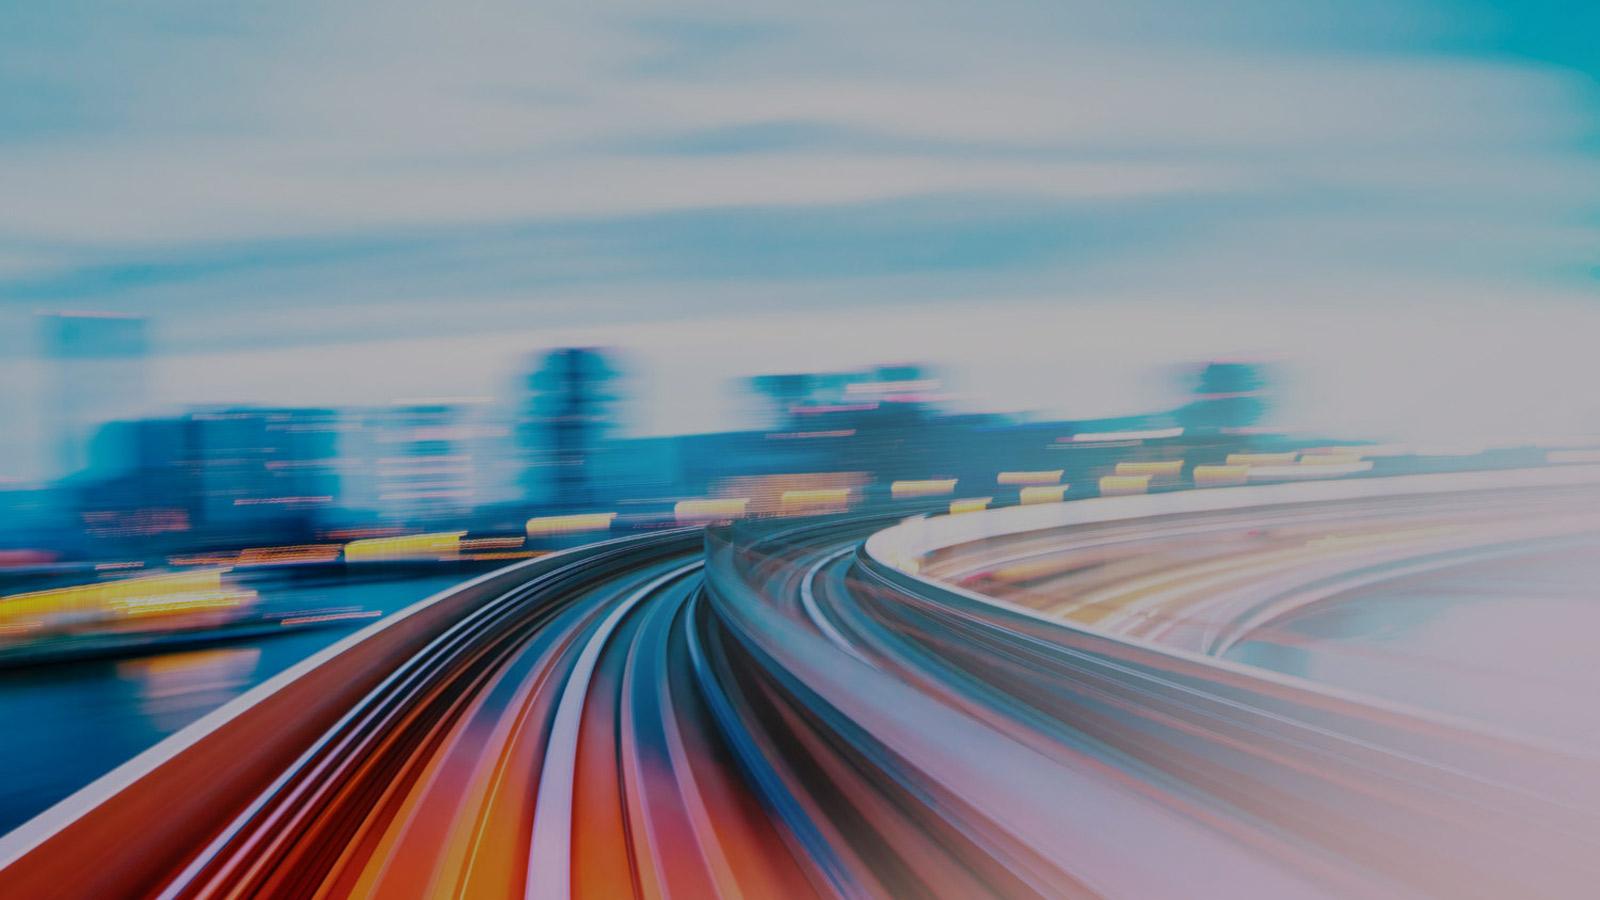 The Accenture Portal